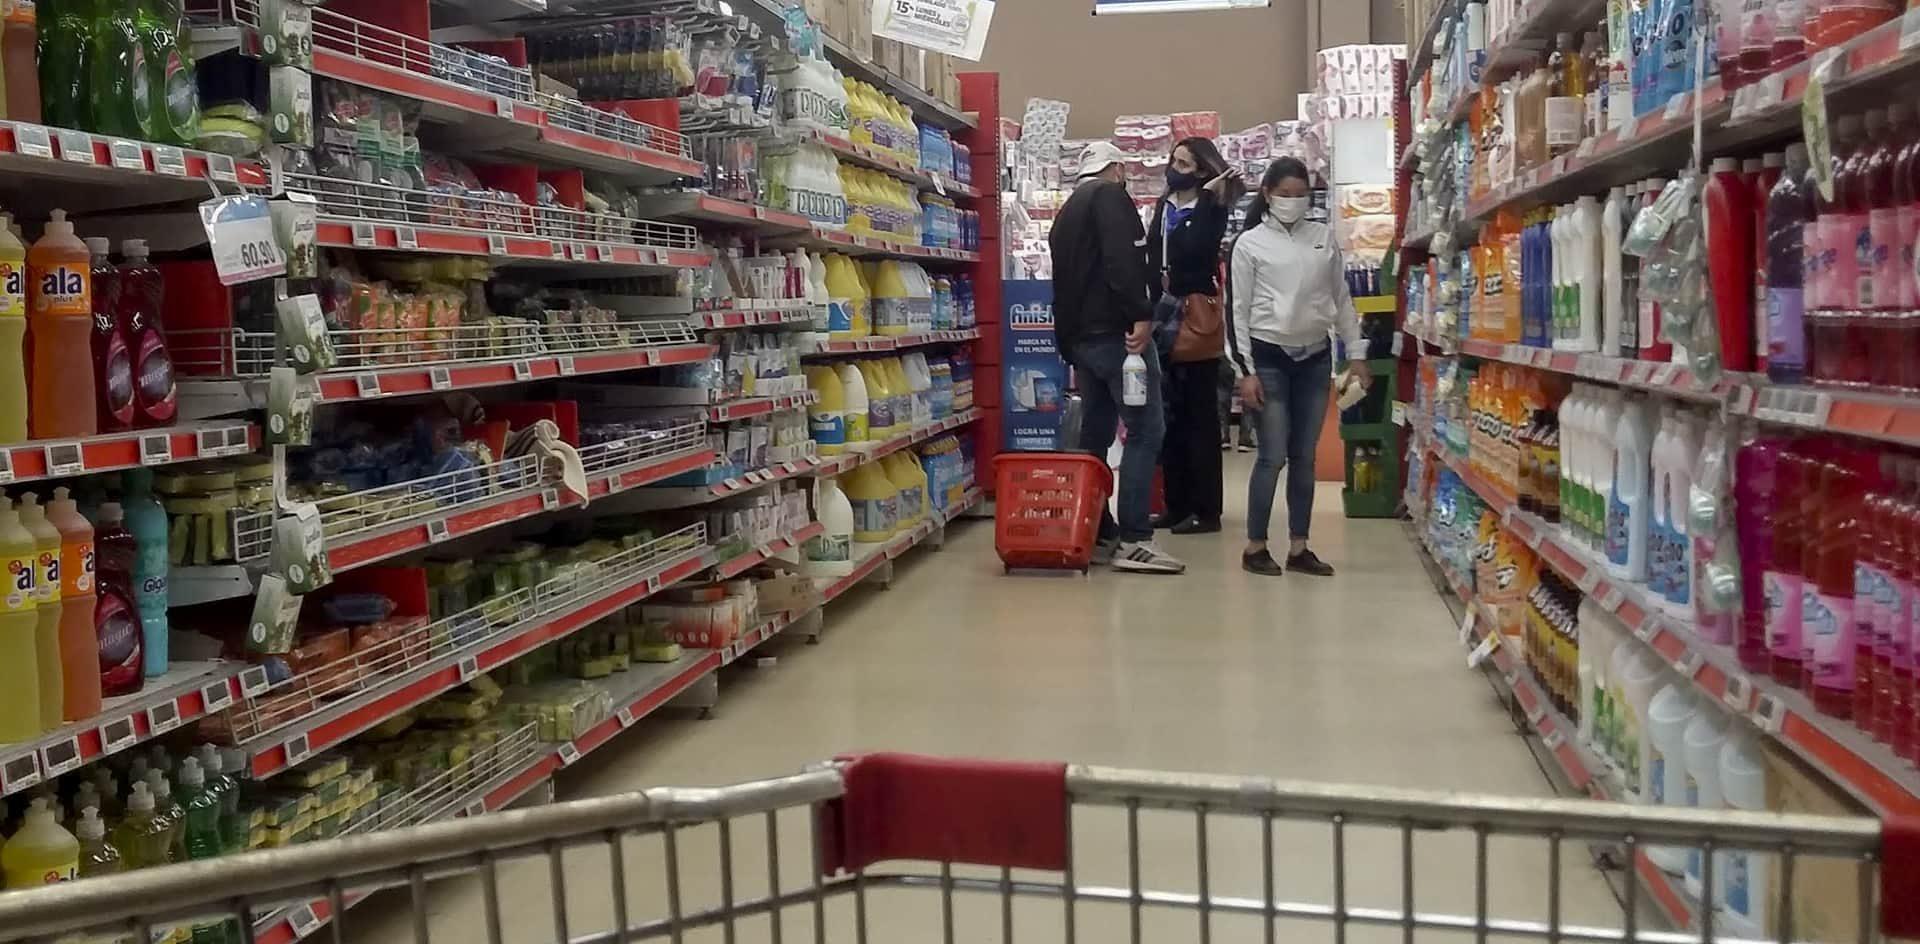 Consumo: buscan determinar qué factores influyen en la elección de las marcas blancas